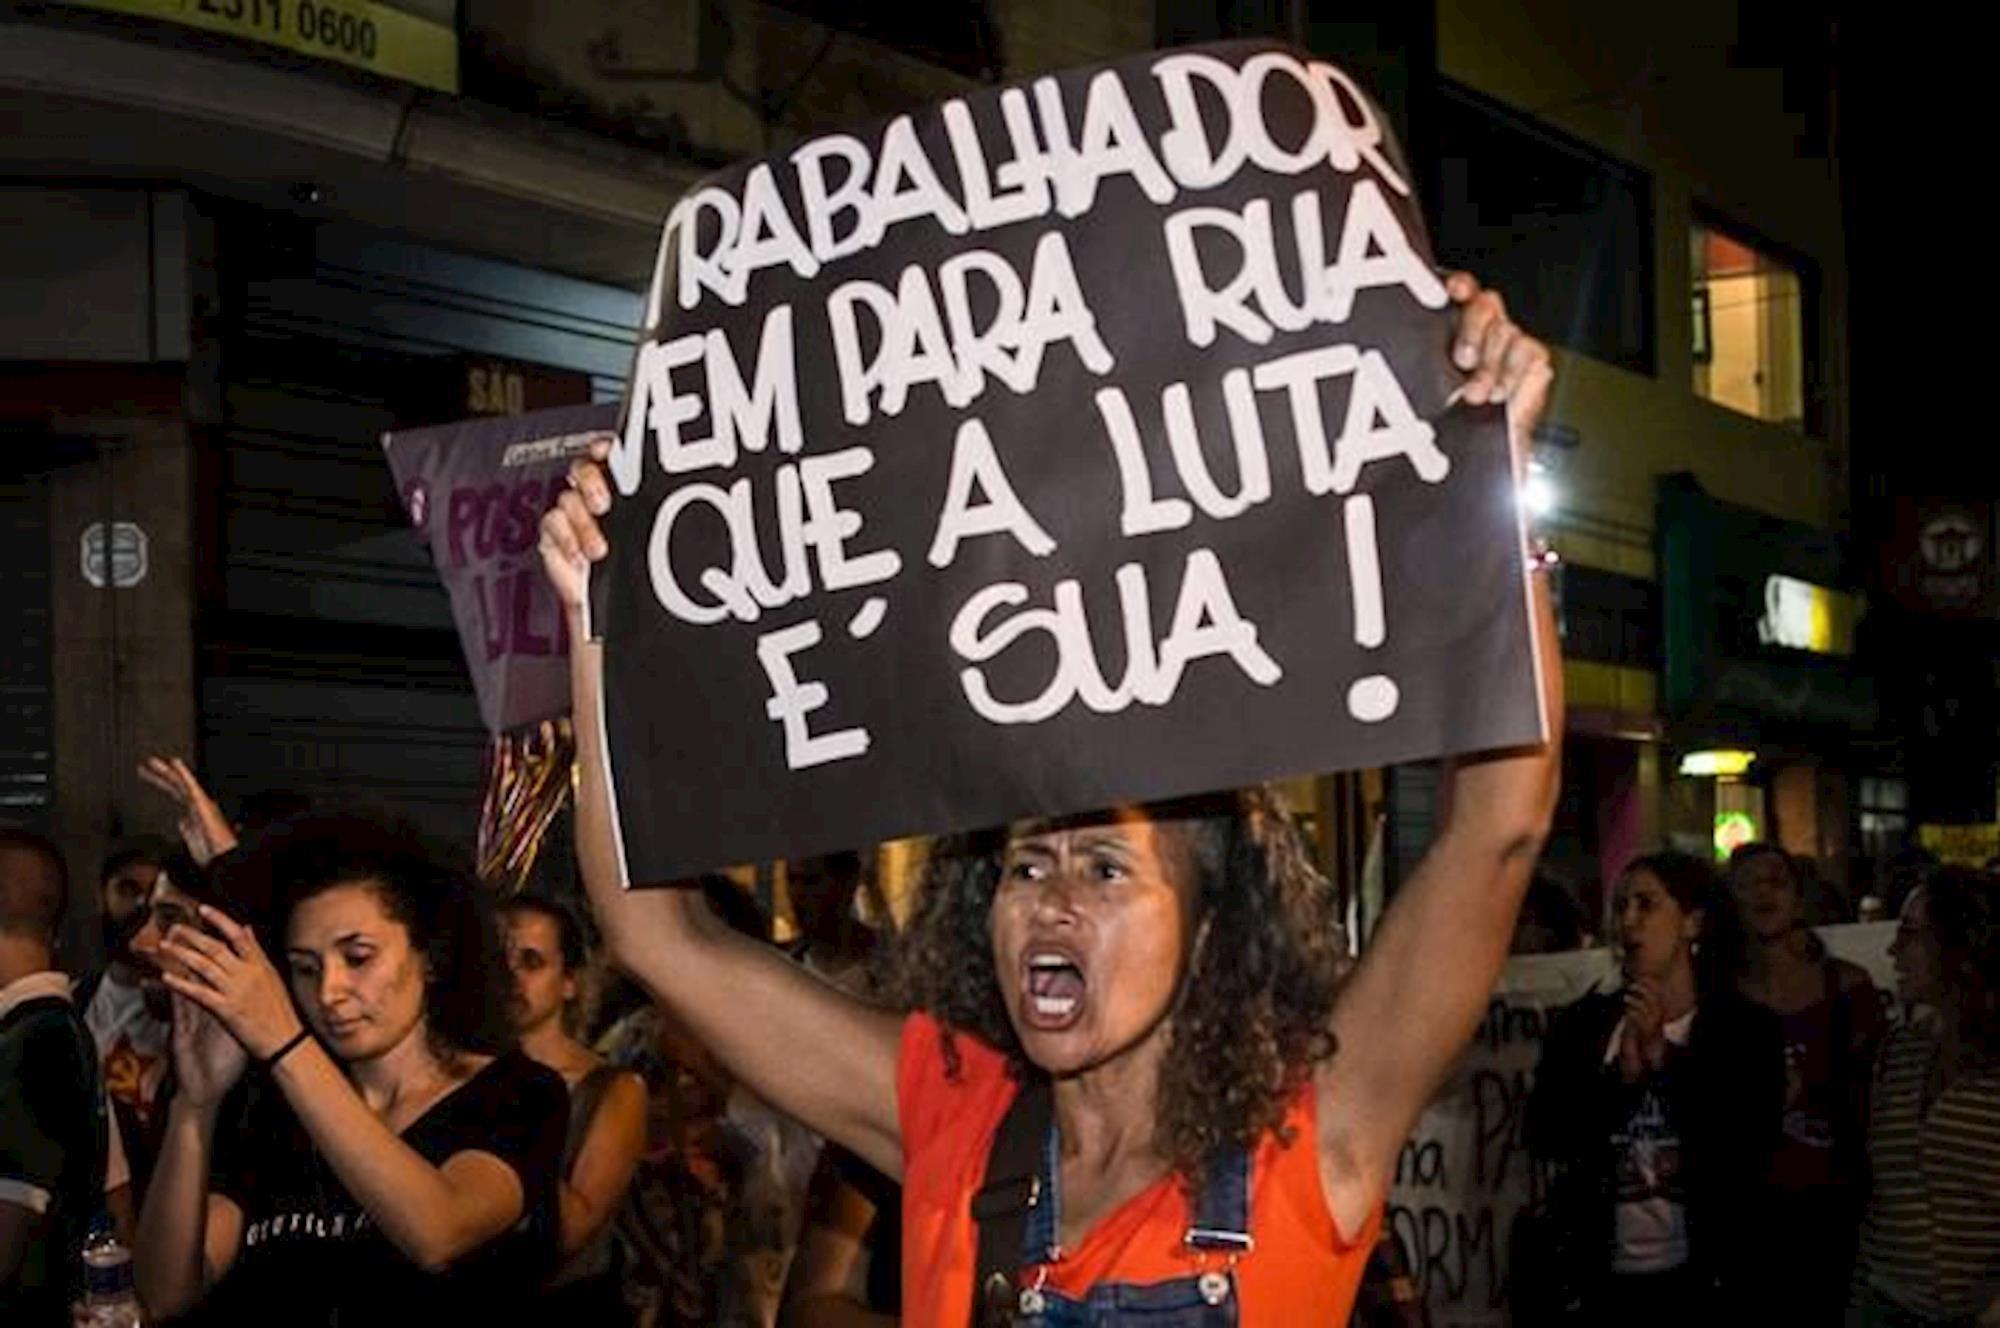 Reforma, Previdência, trabalho, luta, mobilização, aposentadoria, Fabiana Ribeiro | Jornalistas Livres